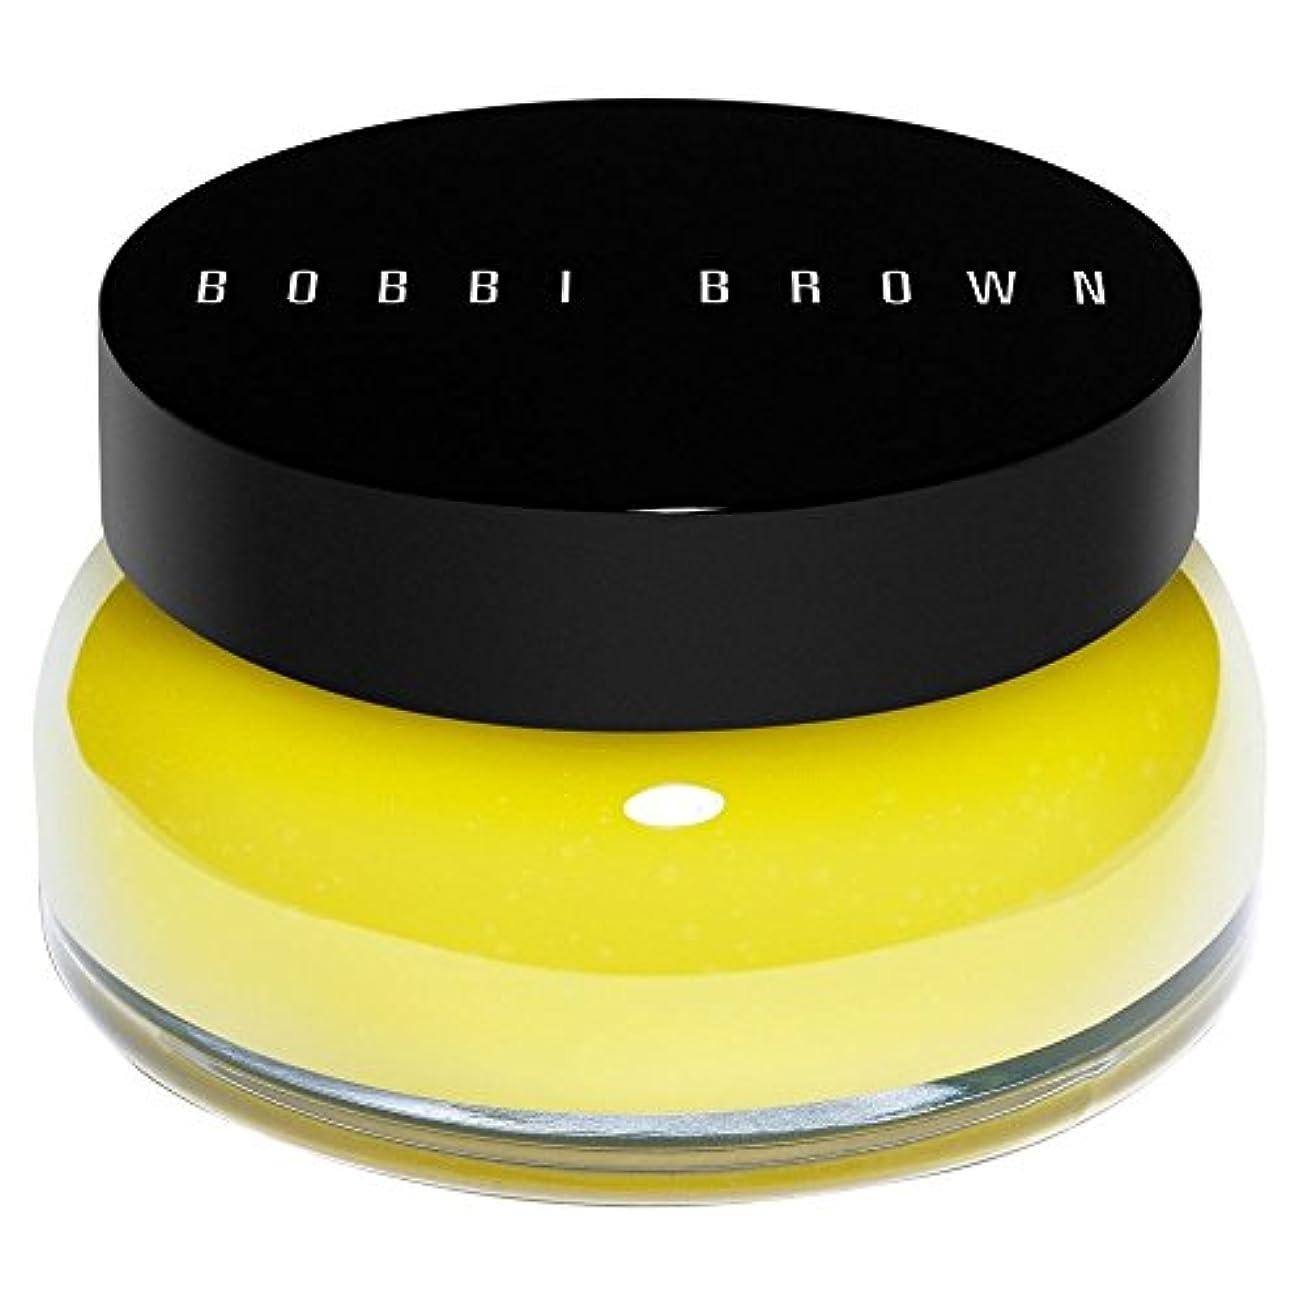 気晴らし興味ひばり[Bobbi Brown] ボビーブラウンエクストラバームリンス - Bobbi Brown Extra Balm Rinse [並行輸入品]